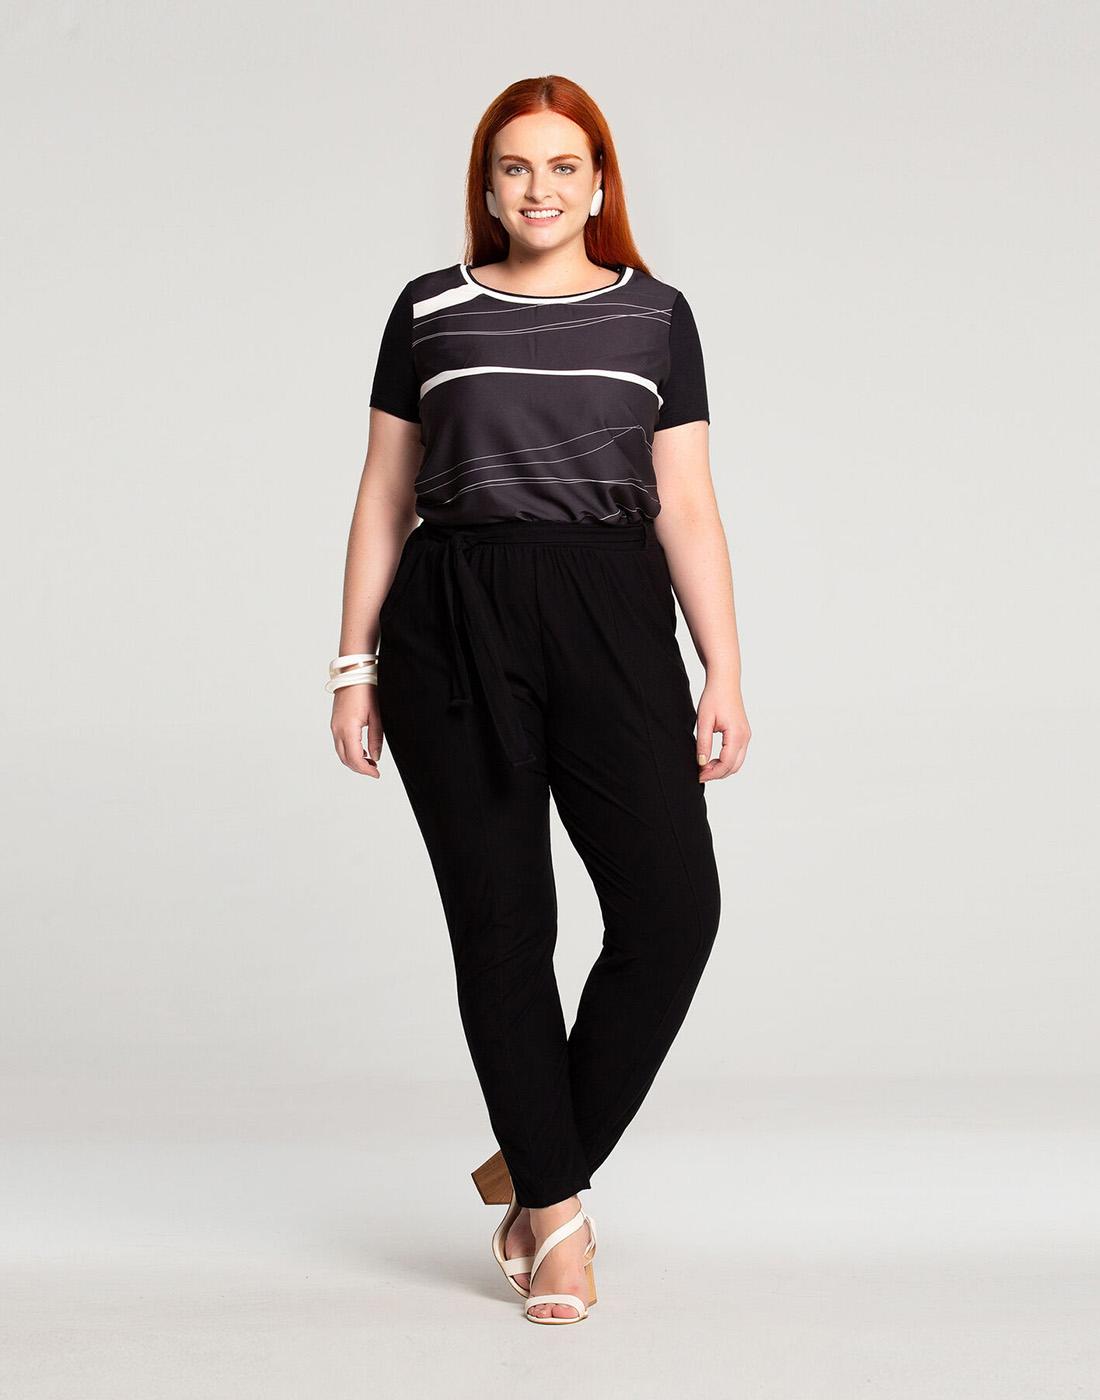 Blusa Plus Size Tecido Crepe e Malha Viscose Preto Reativo Lunender Mais Mulher